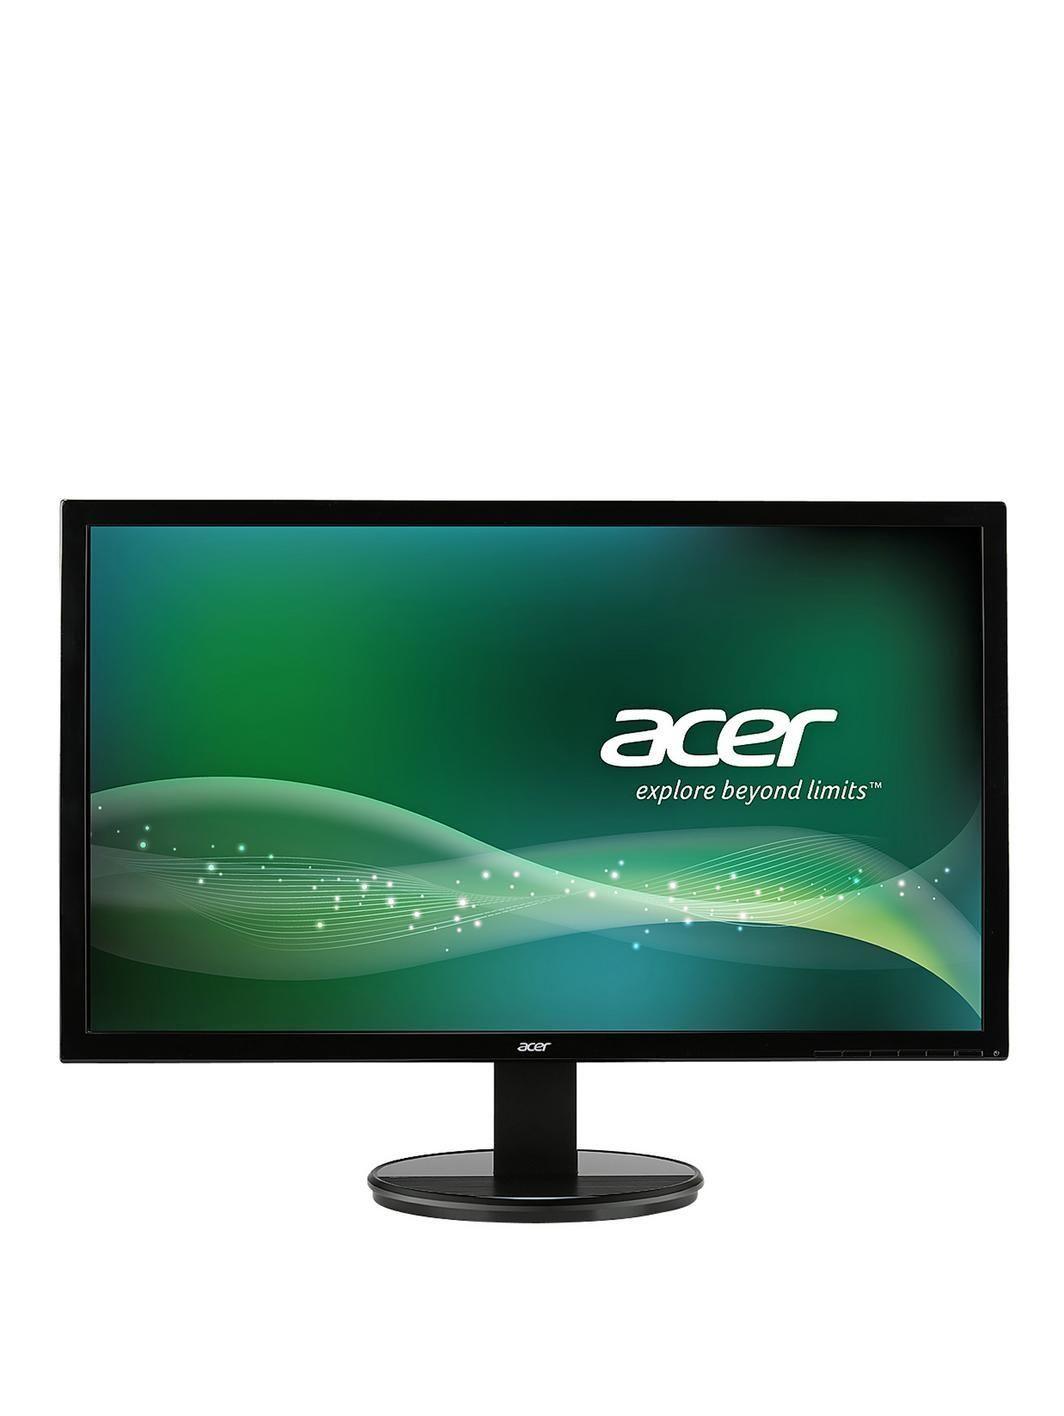 acer k222hql 22 full hd led backlit monitor 1920x1080 5ms 200nit um ebay. Black Bedroom Furniture Sets. Home Design Ideas